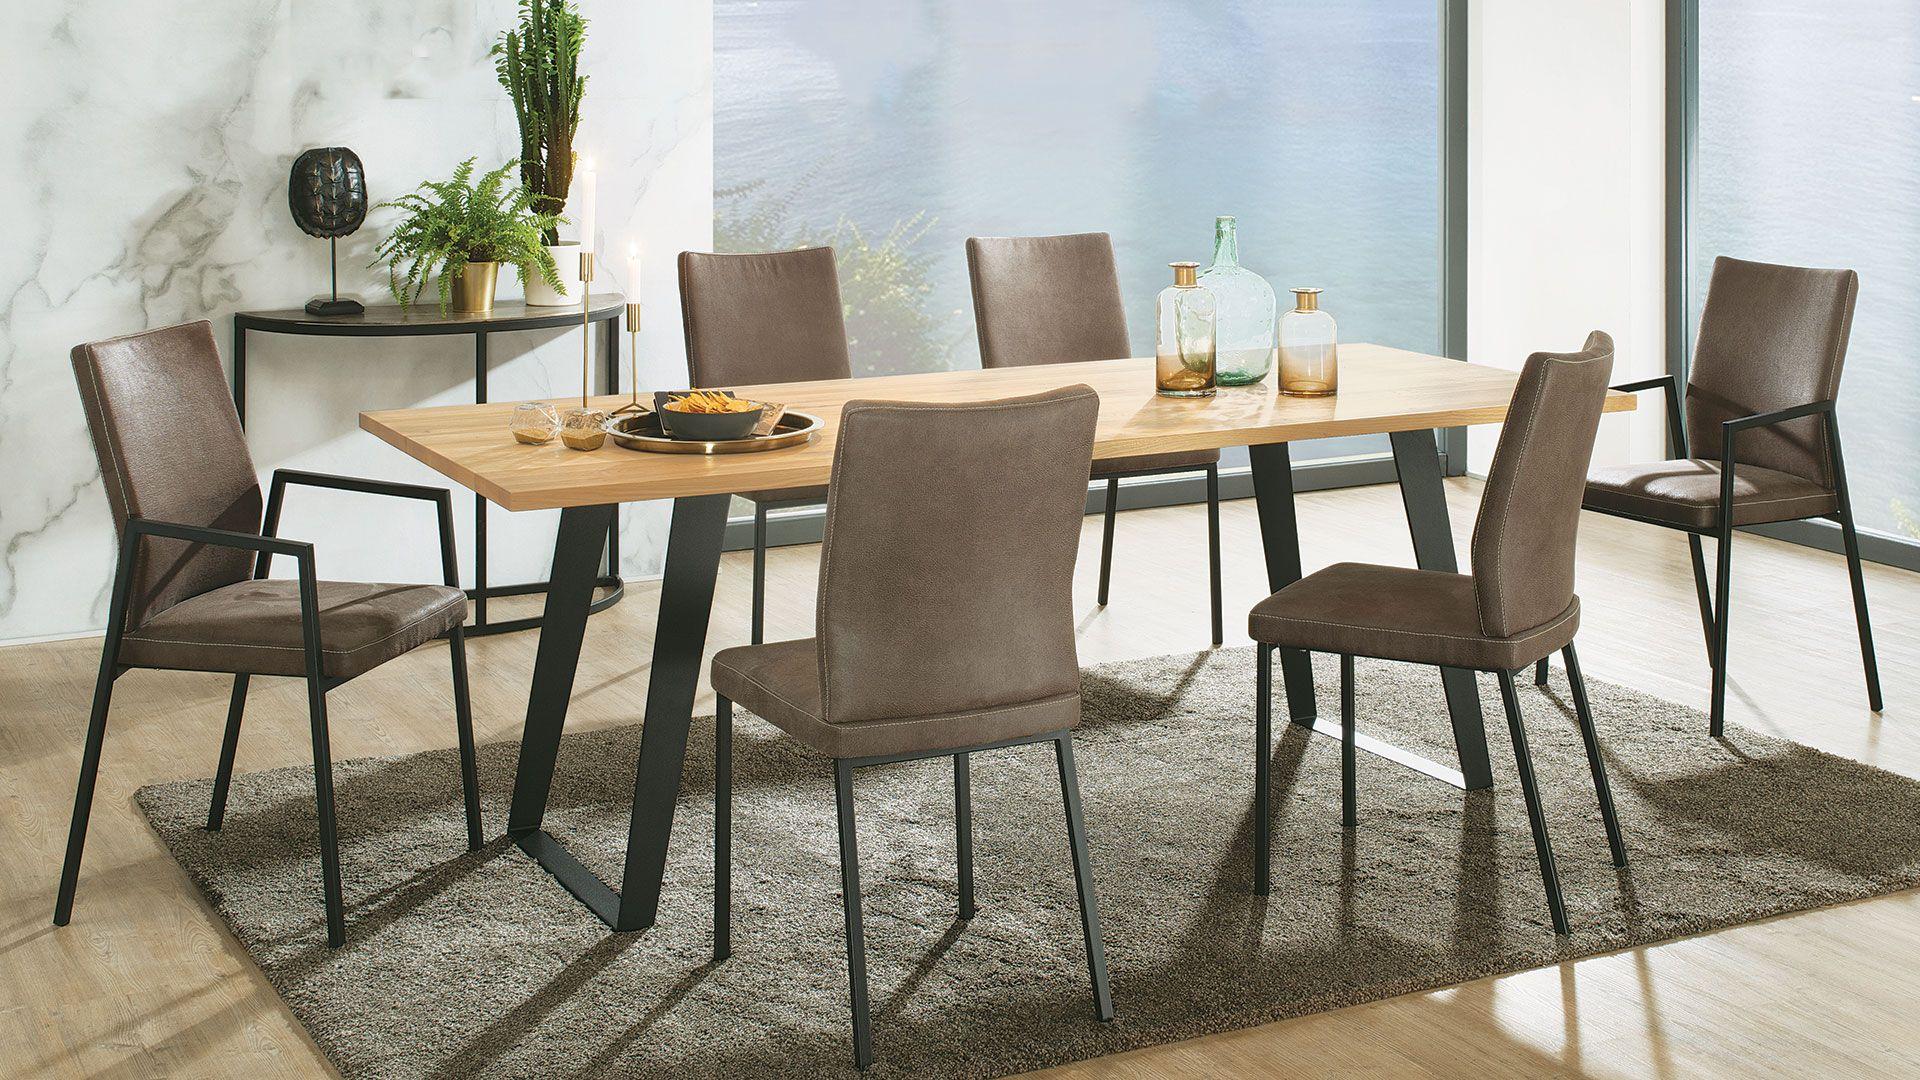 Tisch Cadera Esszimmer Einrichten Haus Deko Esstisch